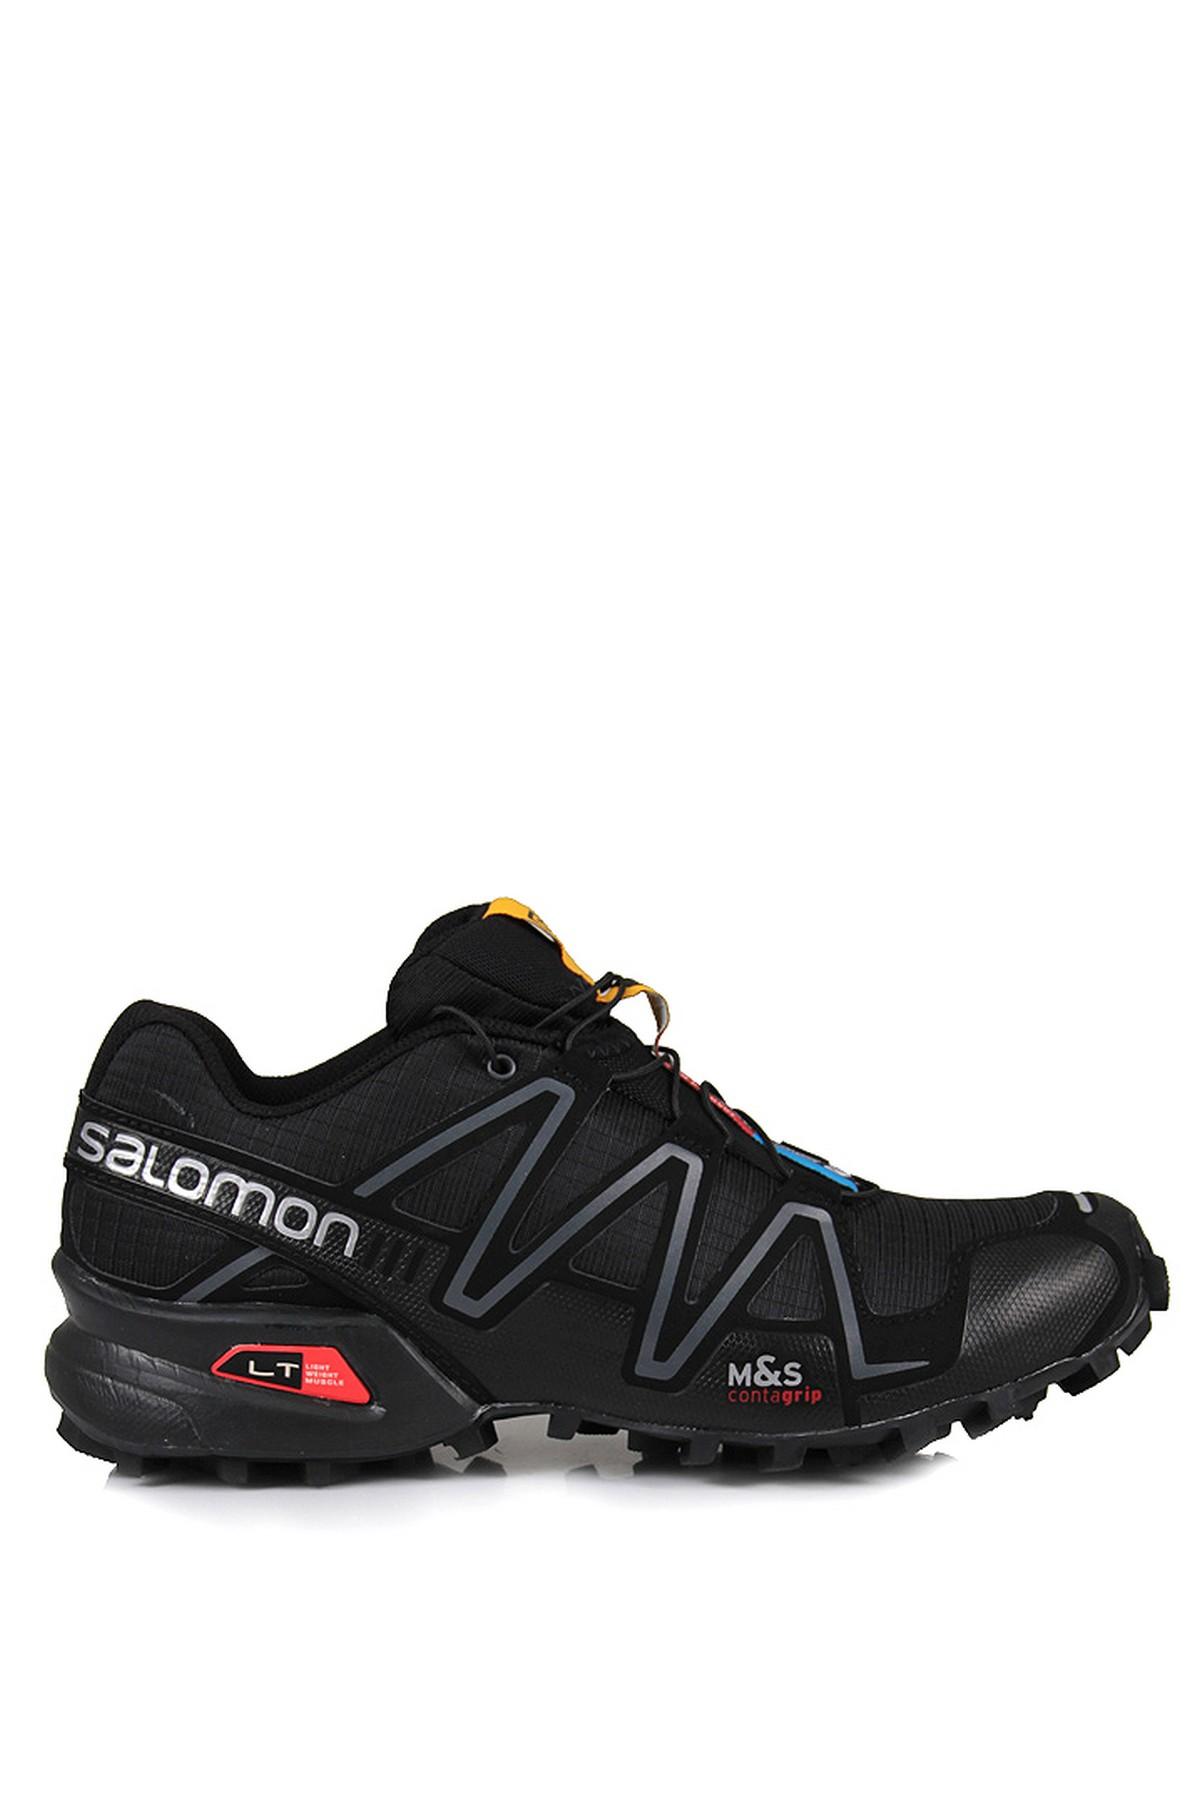 Salomon Speedcross 3 W Outdoor Kadın Ayakkabı (L32784500)